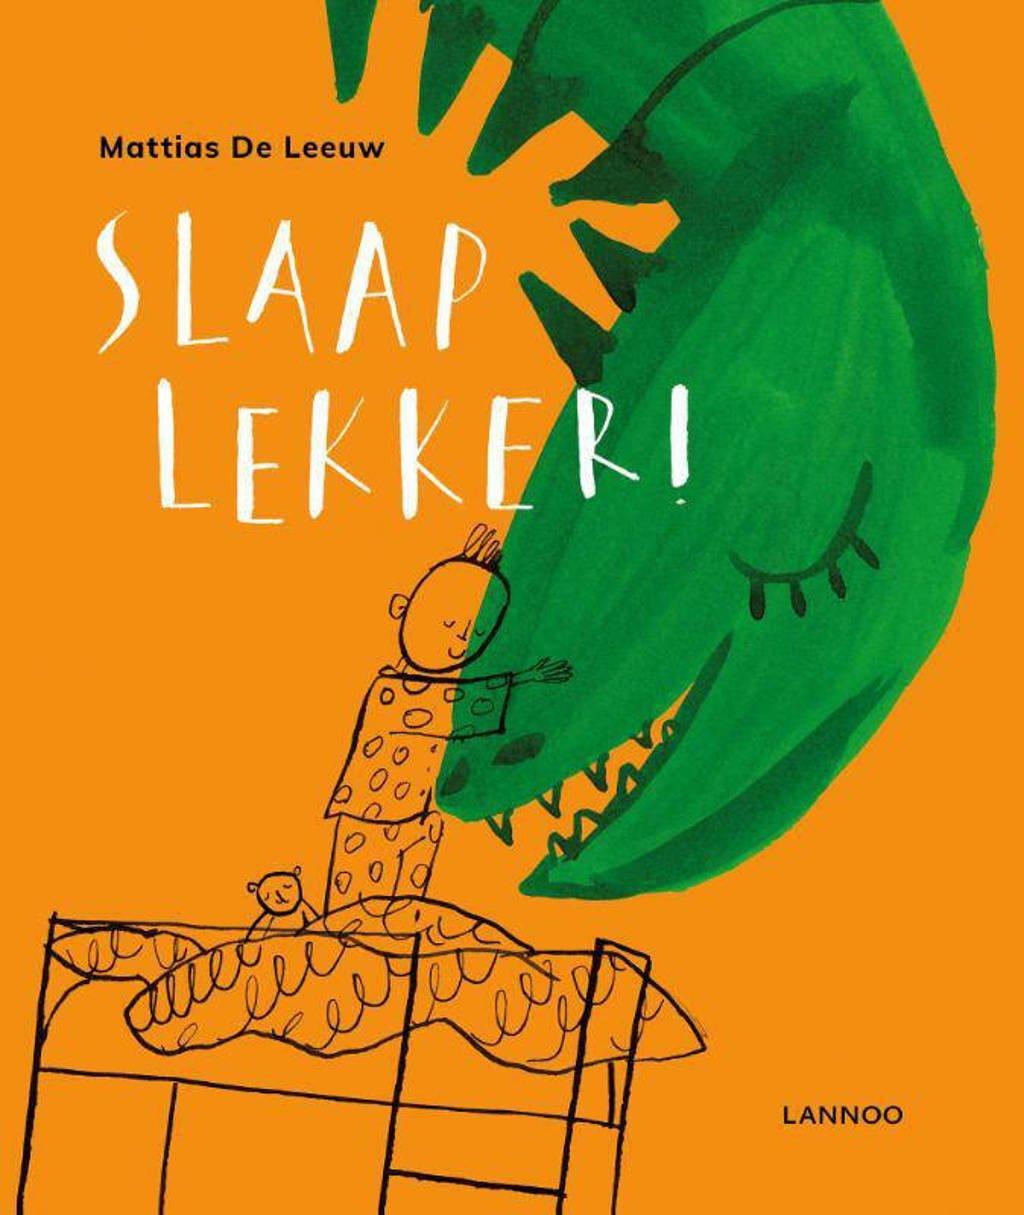 Slaap lekker - Mattias De Leeuw